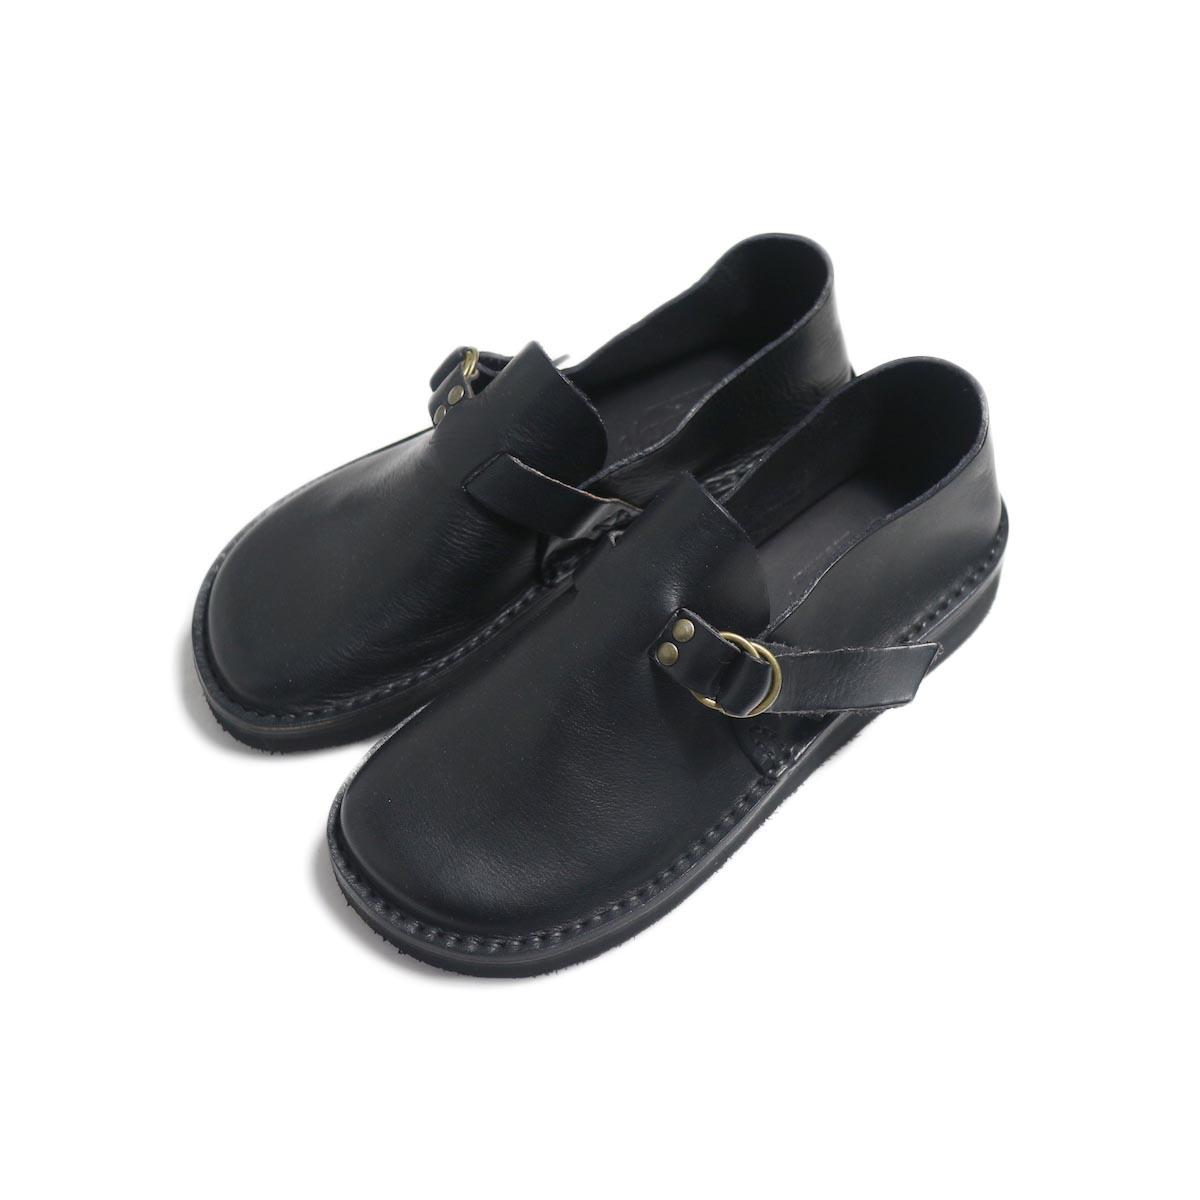 Fracap / R007 Leather Shoes -Black